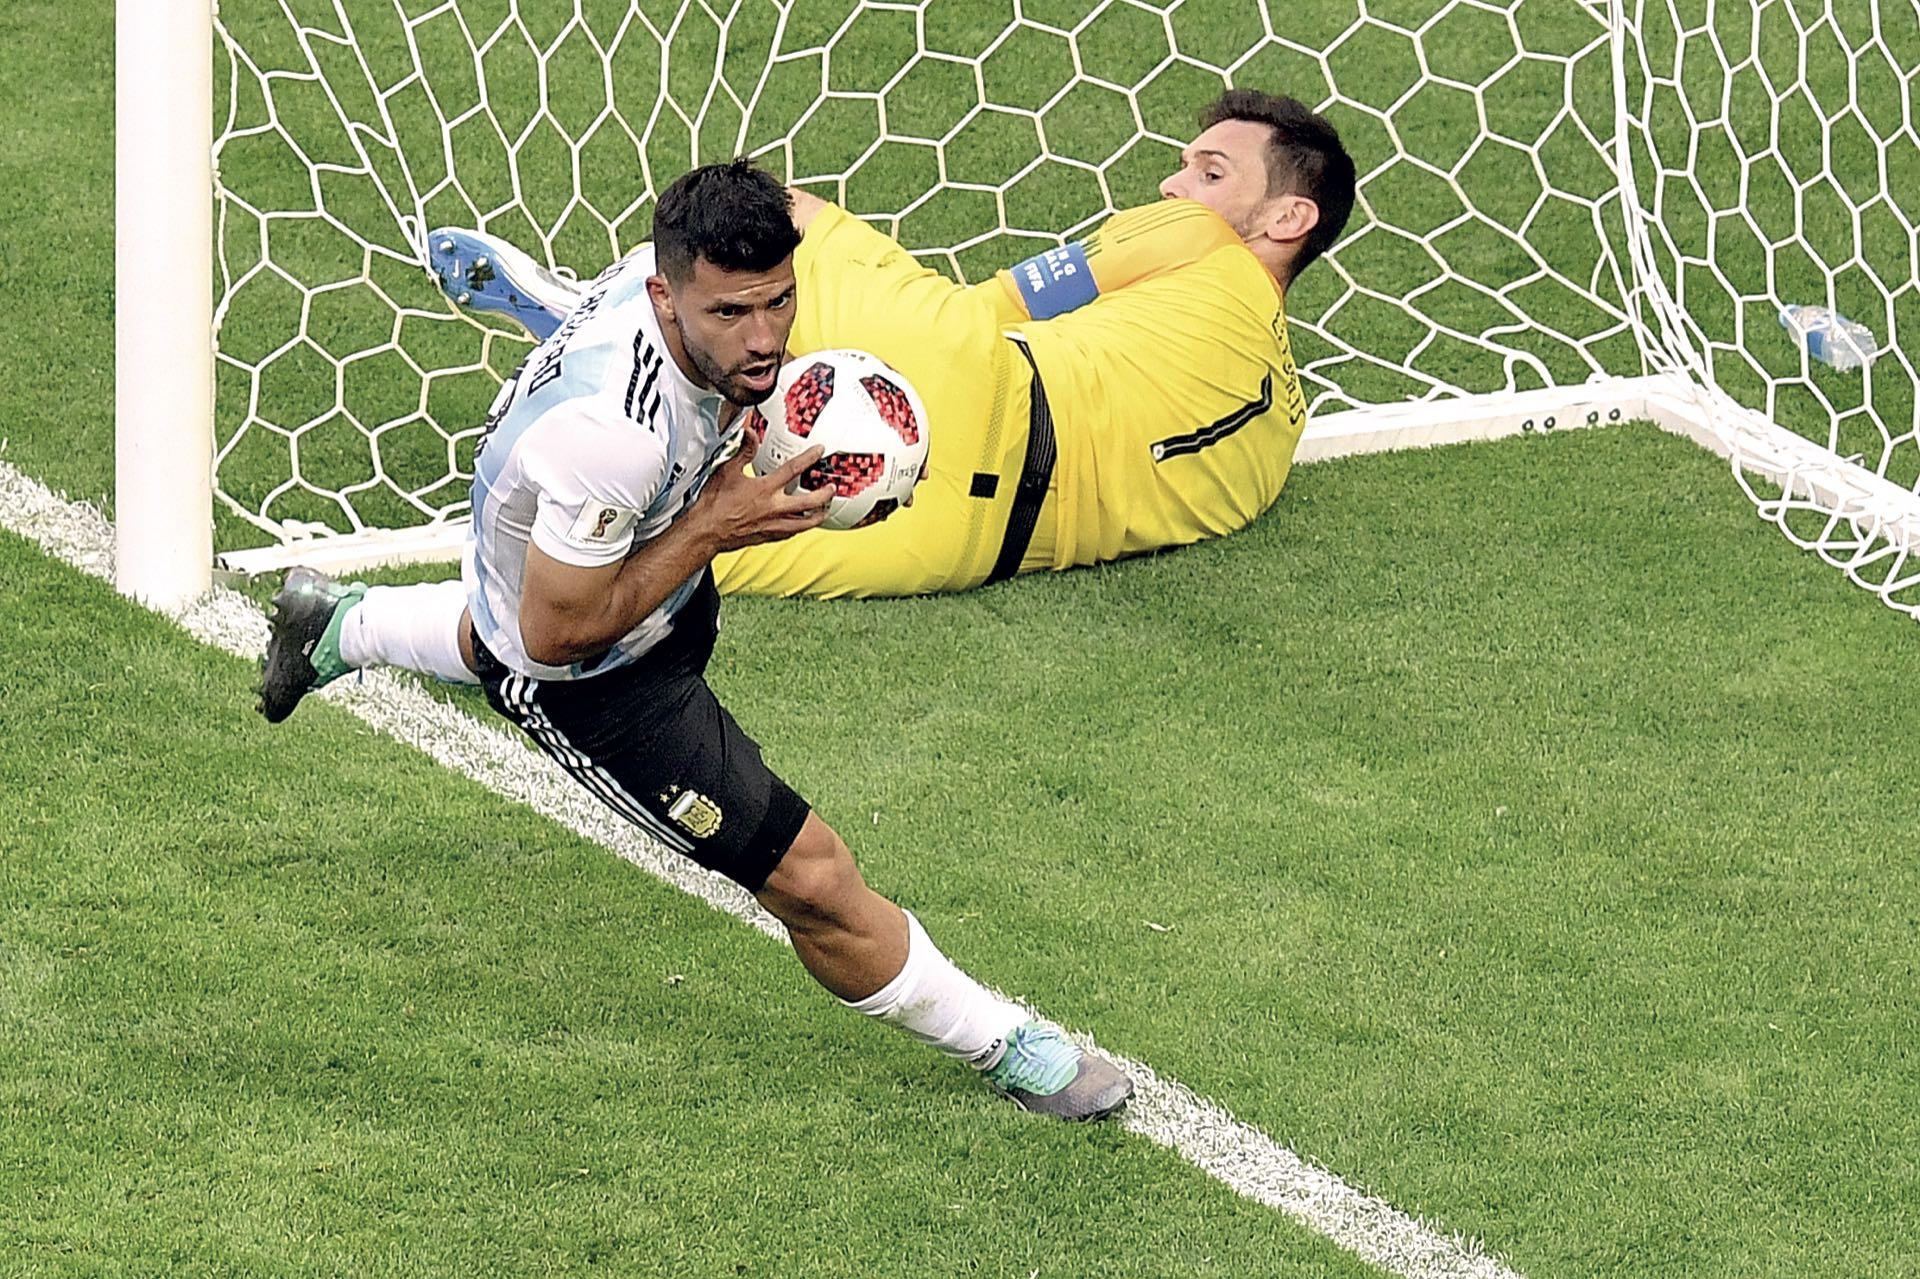 El gol agónico del Kun Agüero en el final apenas maquilló las cifras. No se pudo.